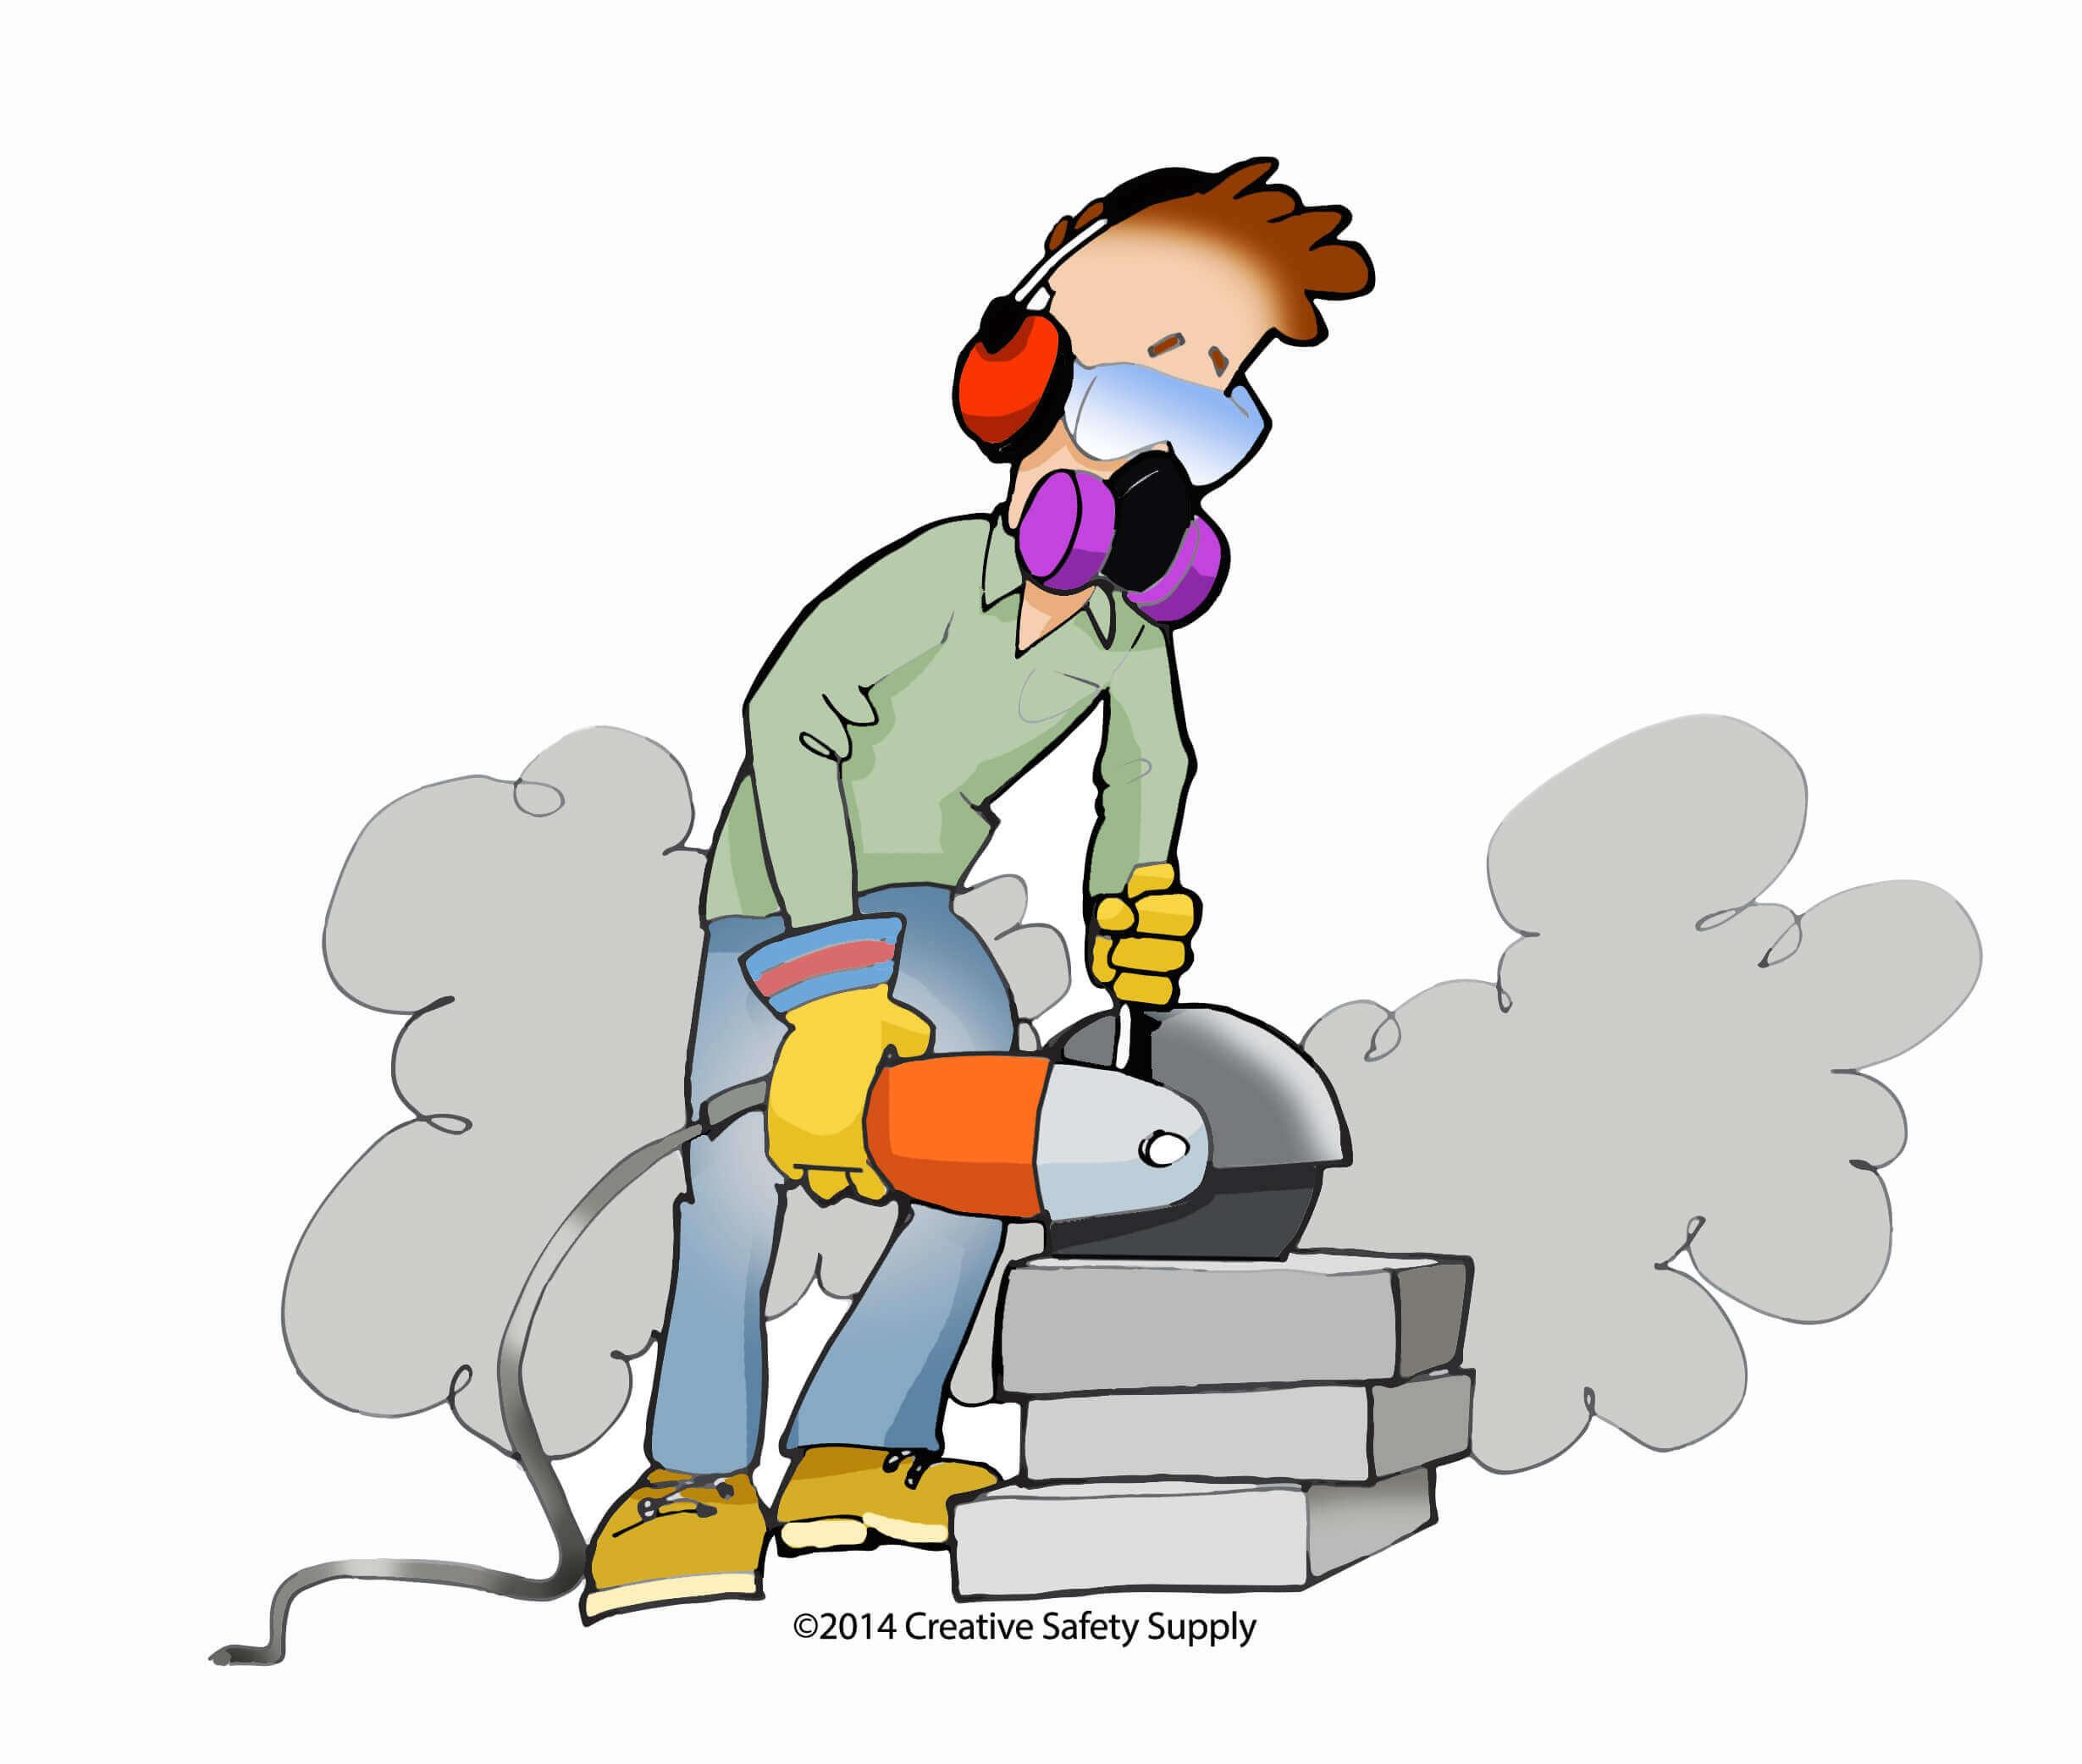 Respiratory Protection Hazards